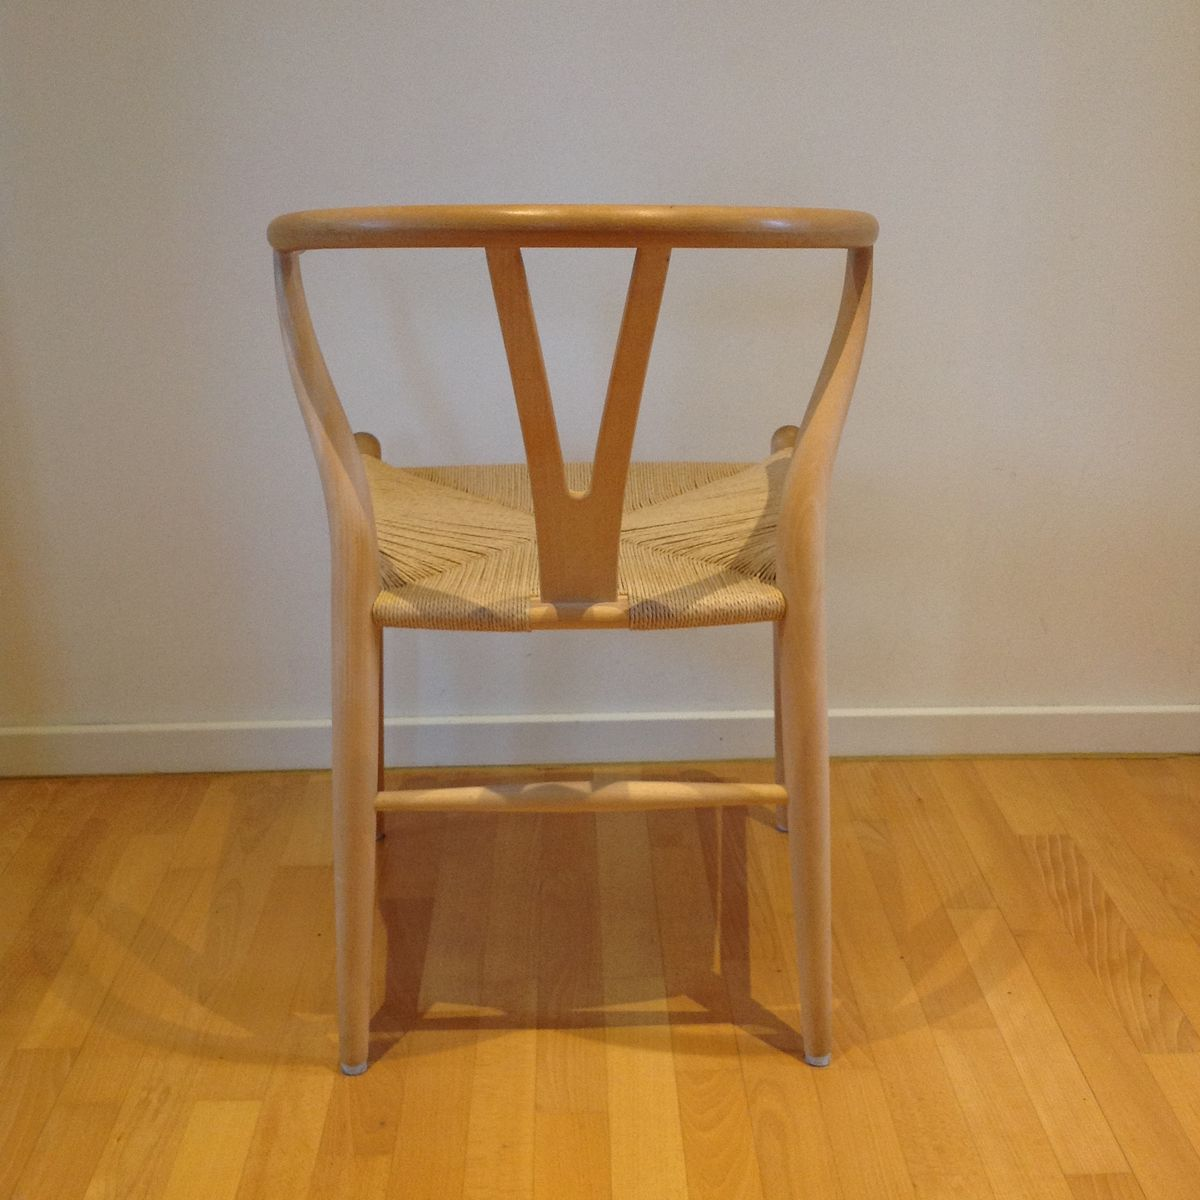 ch 24 y stuhl von hans j wegner f r carl hansen s n bei pamono kaufen. Black Bedroom Furniture Sets. Home Design Ideas